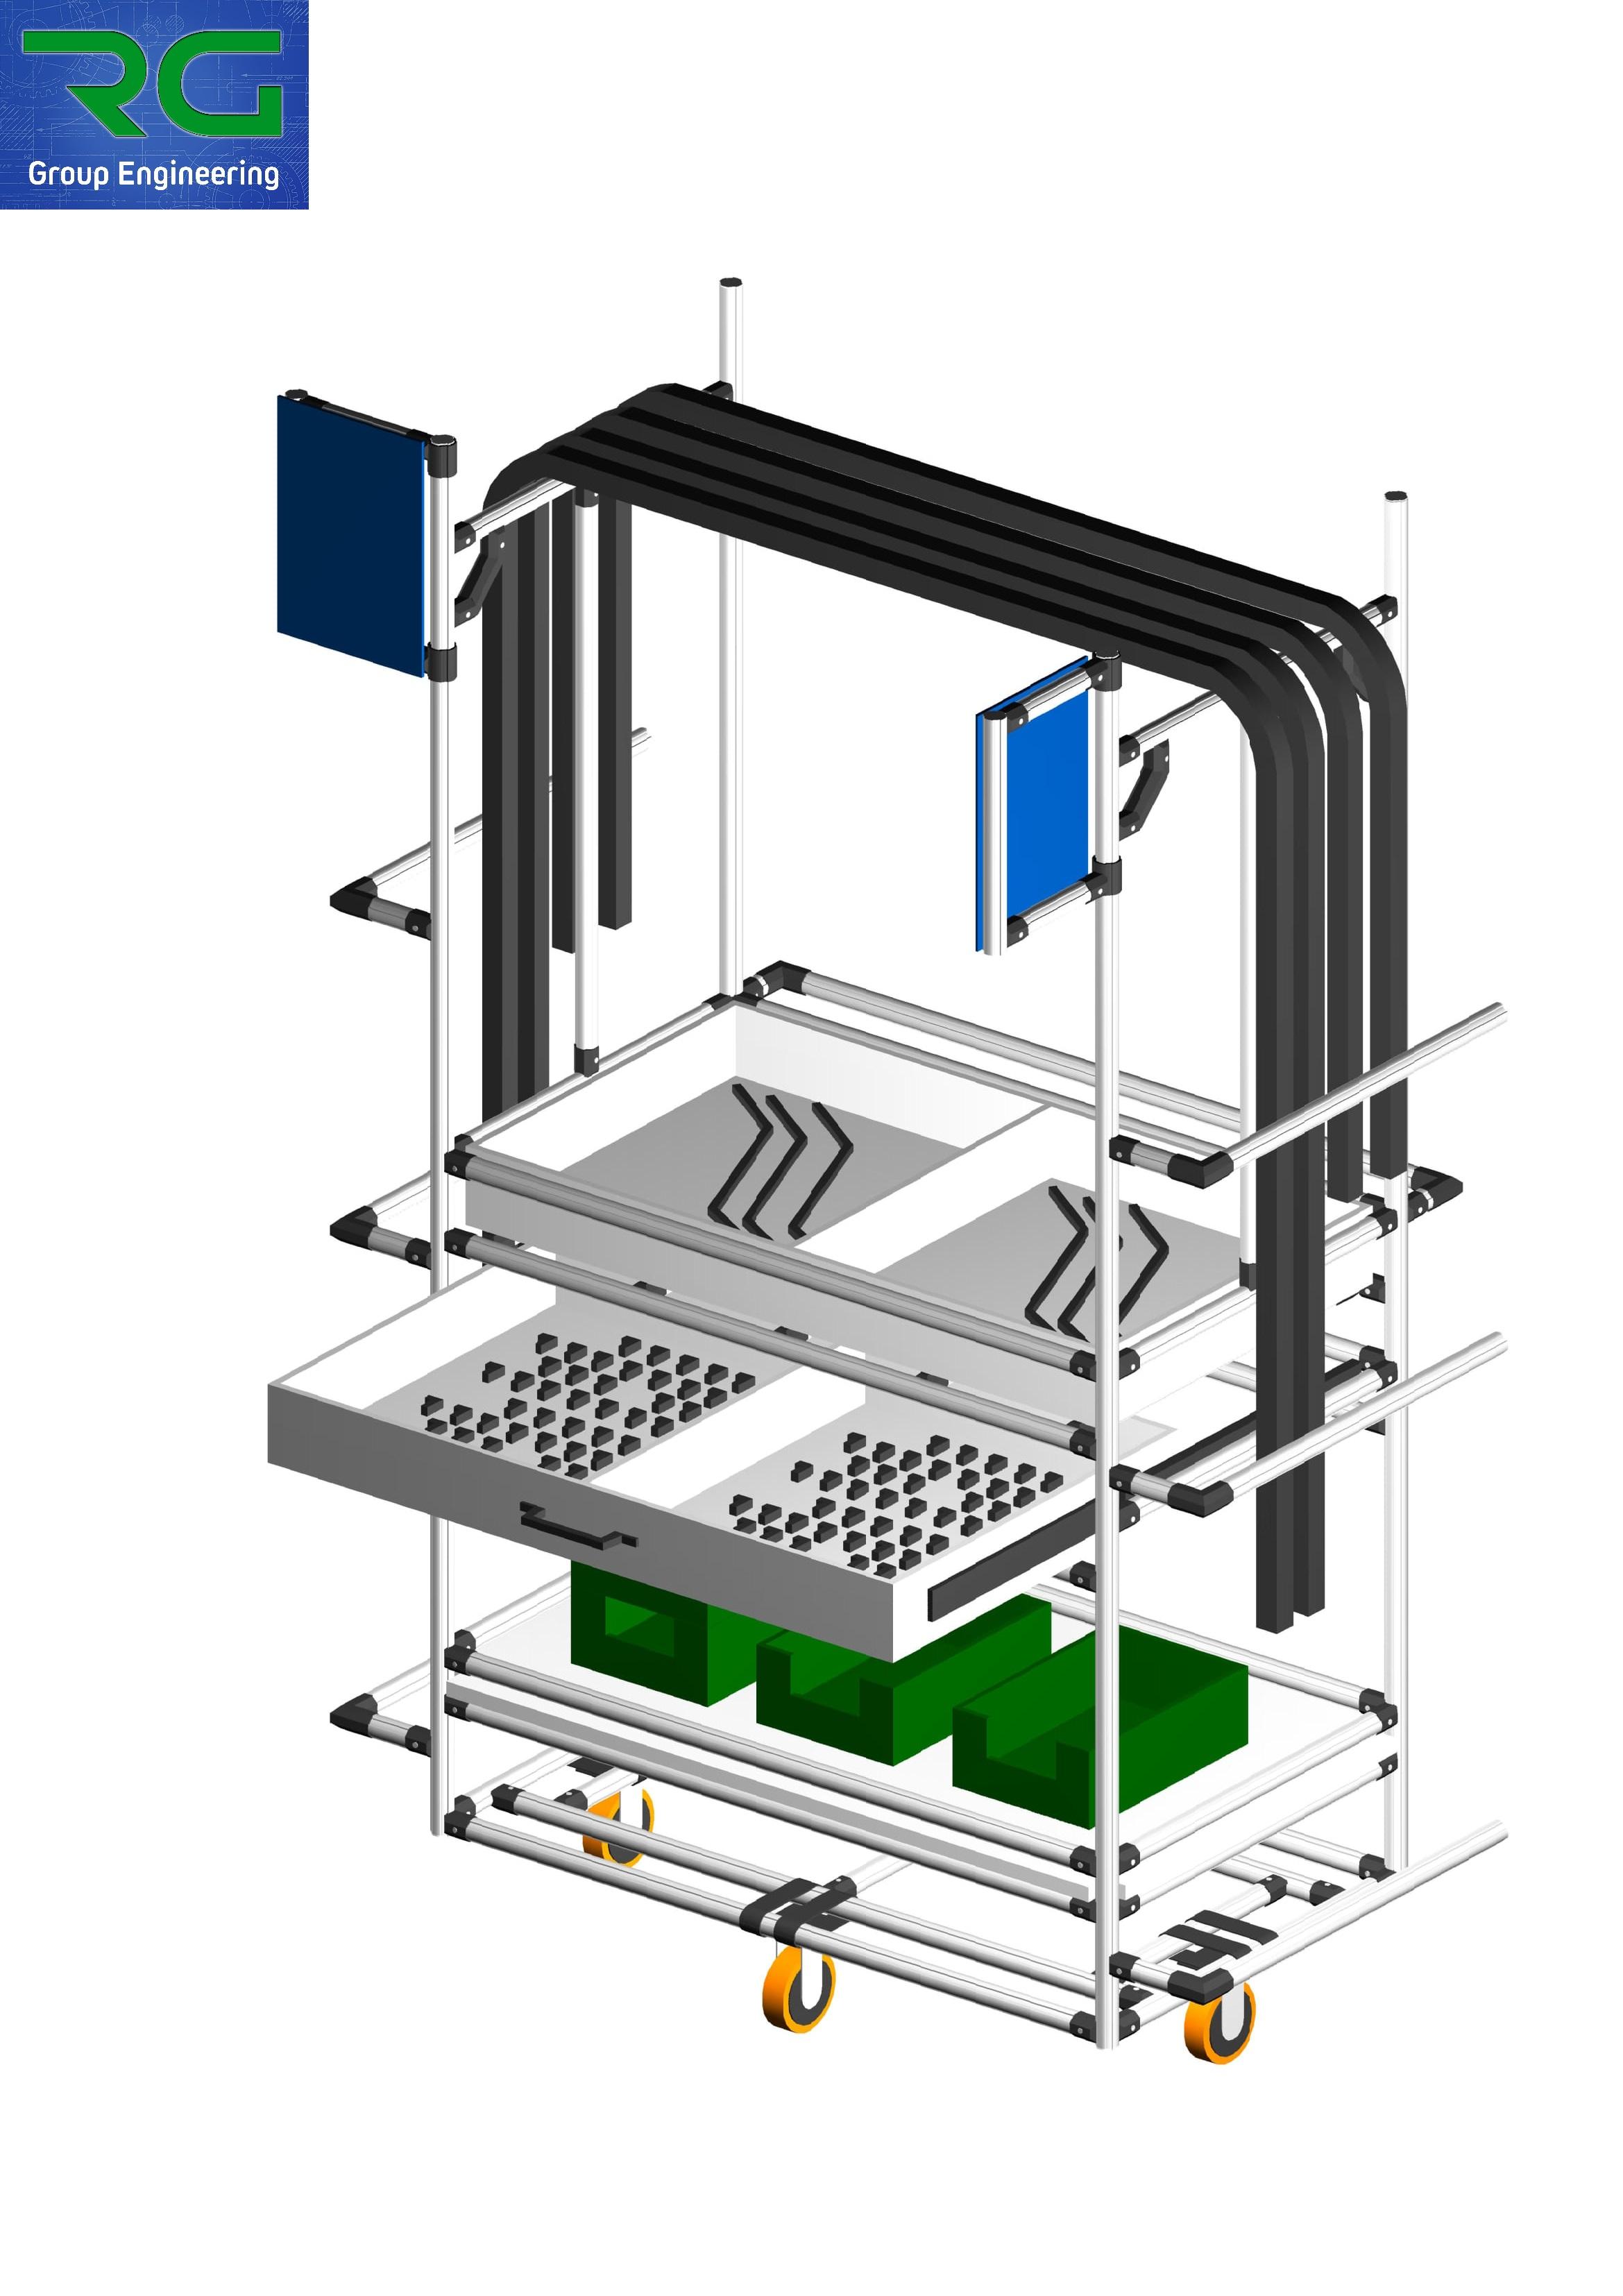 CARRELLO (SETTORE AUTOMOTIVE) Struttura lean dinamica in alluminio per trasporto tubazioni, raccorderia ed accessoristica.